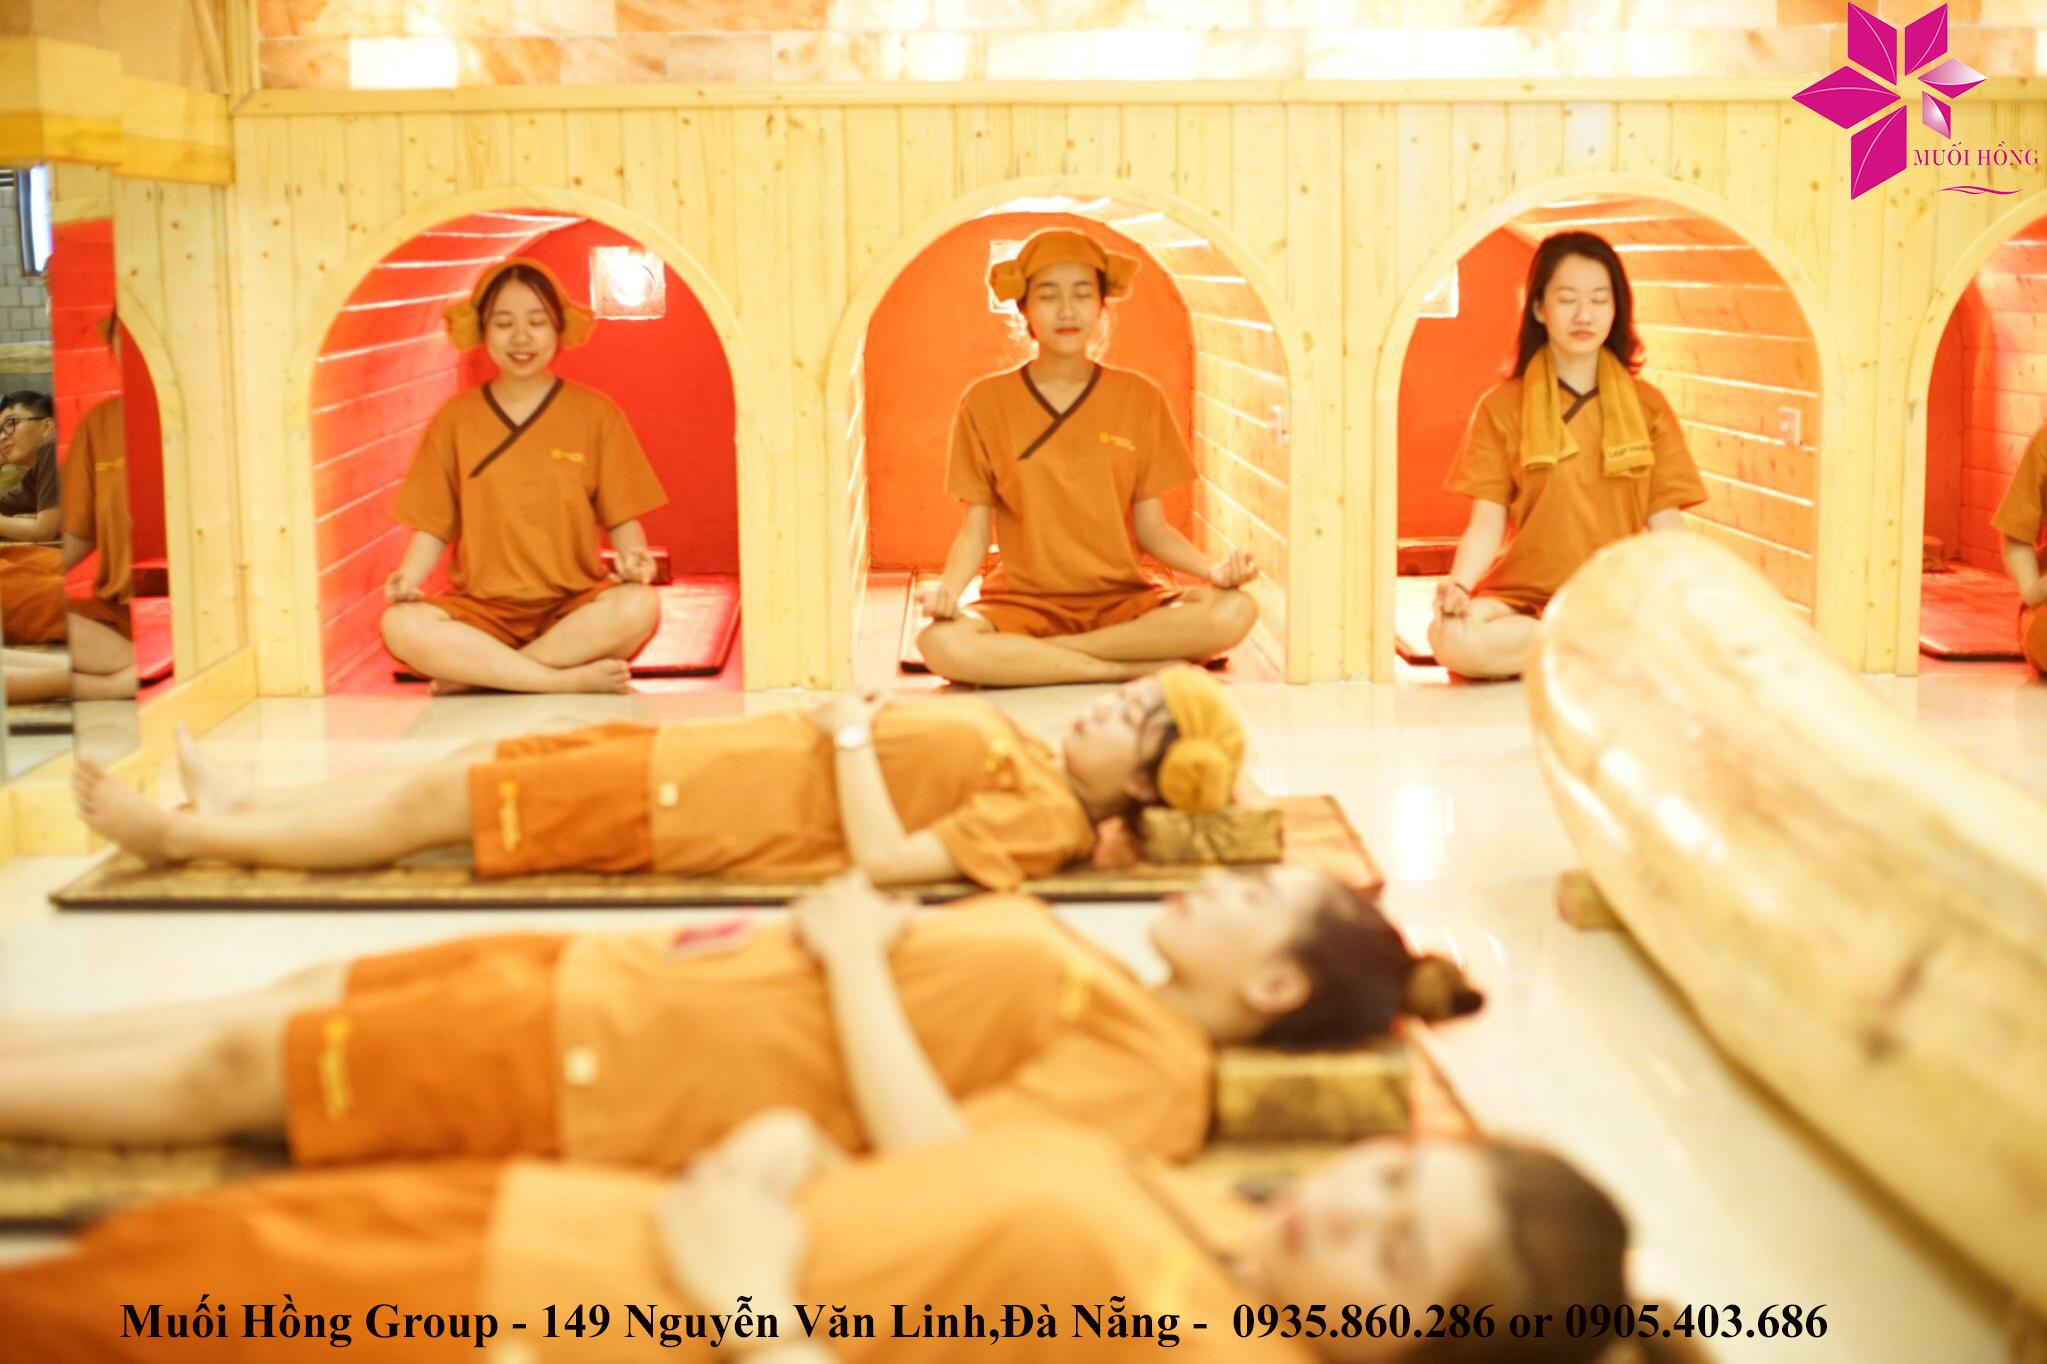 xong hoi jjimjilbang – mo hinh kinh doanh spa sieu hot 8.1